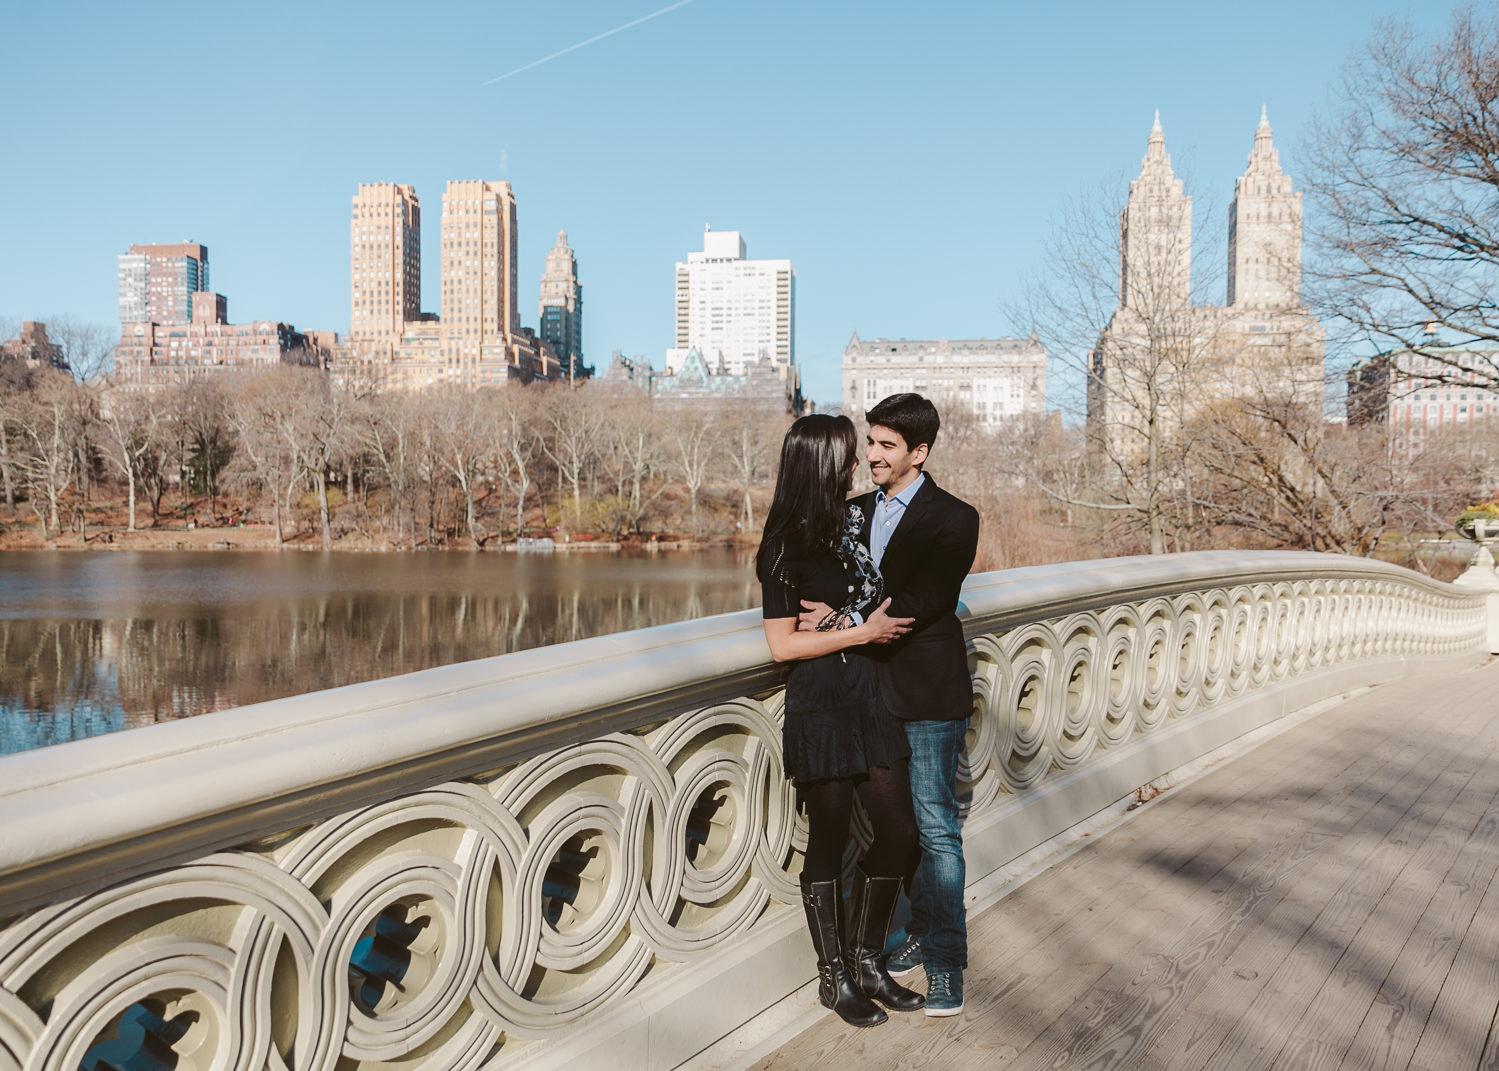 NYC-engagement-photography-by-Tanya-Isaeva-17.jpg